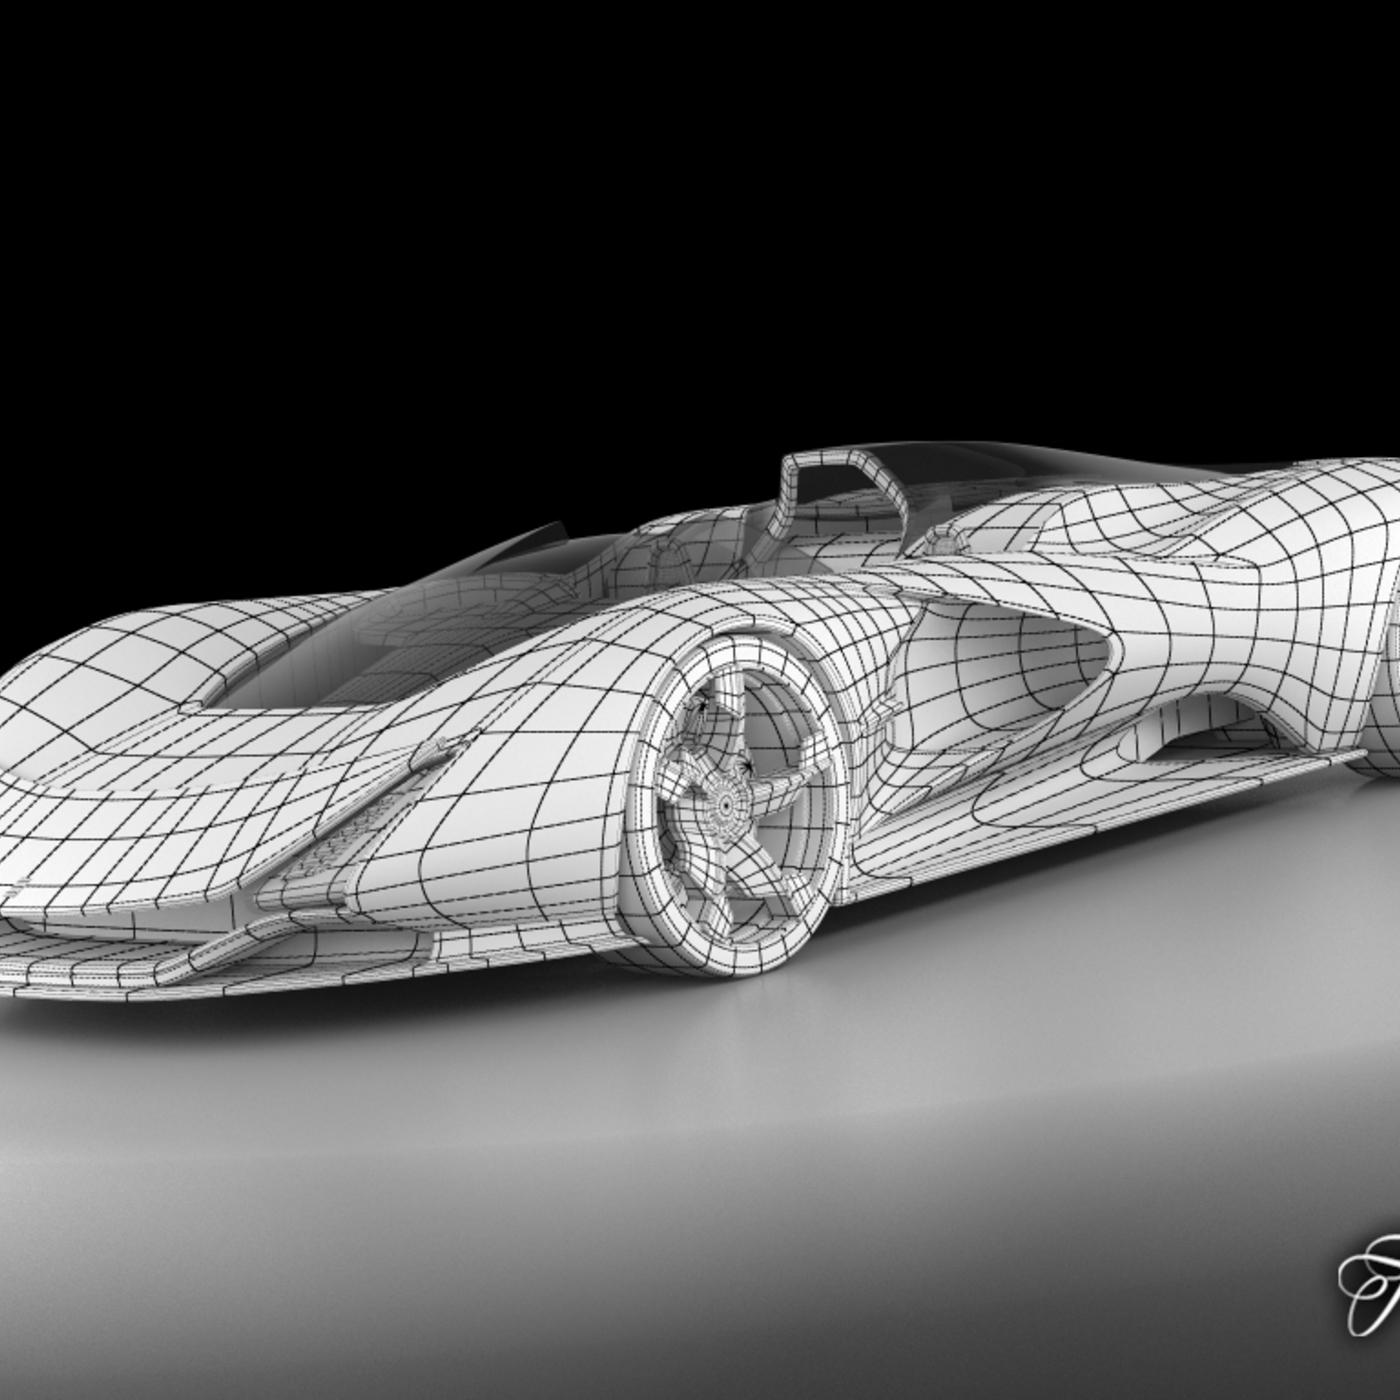 Ferrari Aliante concept